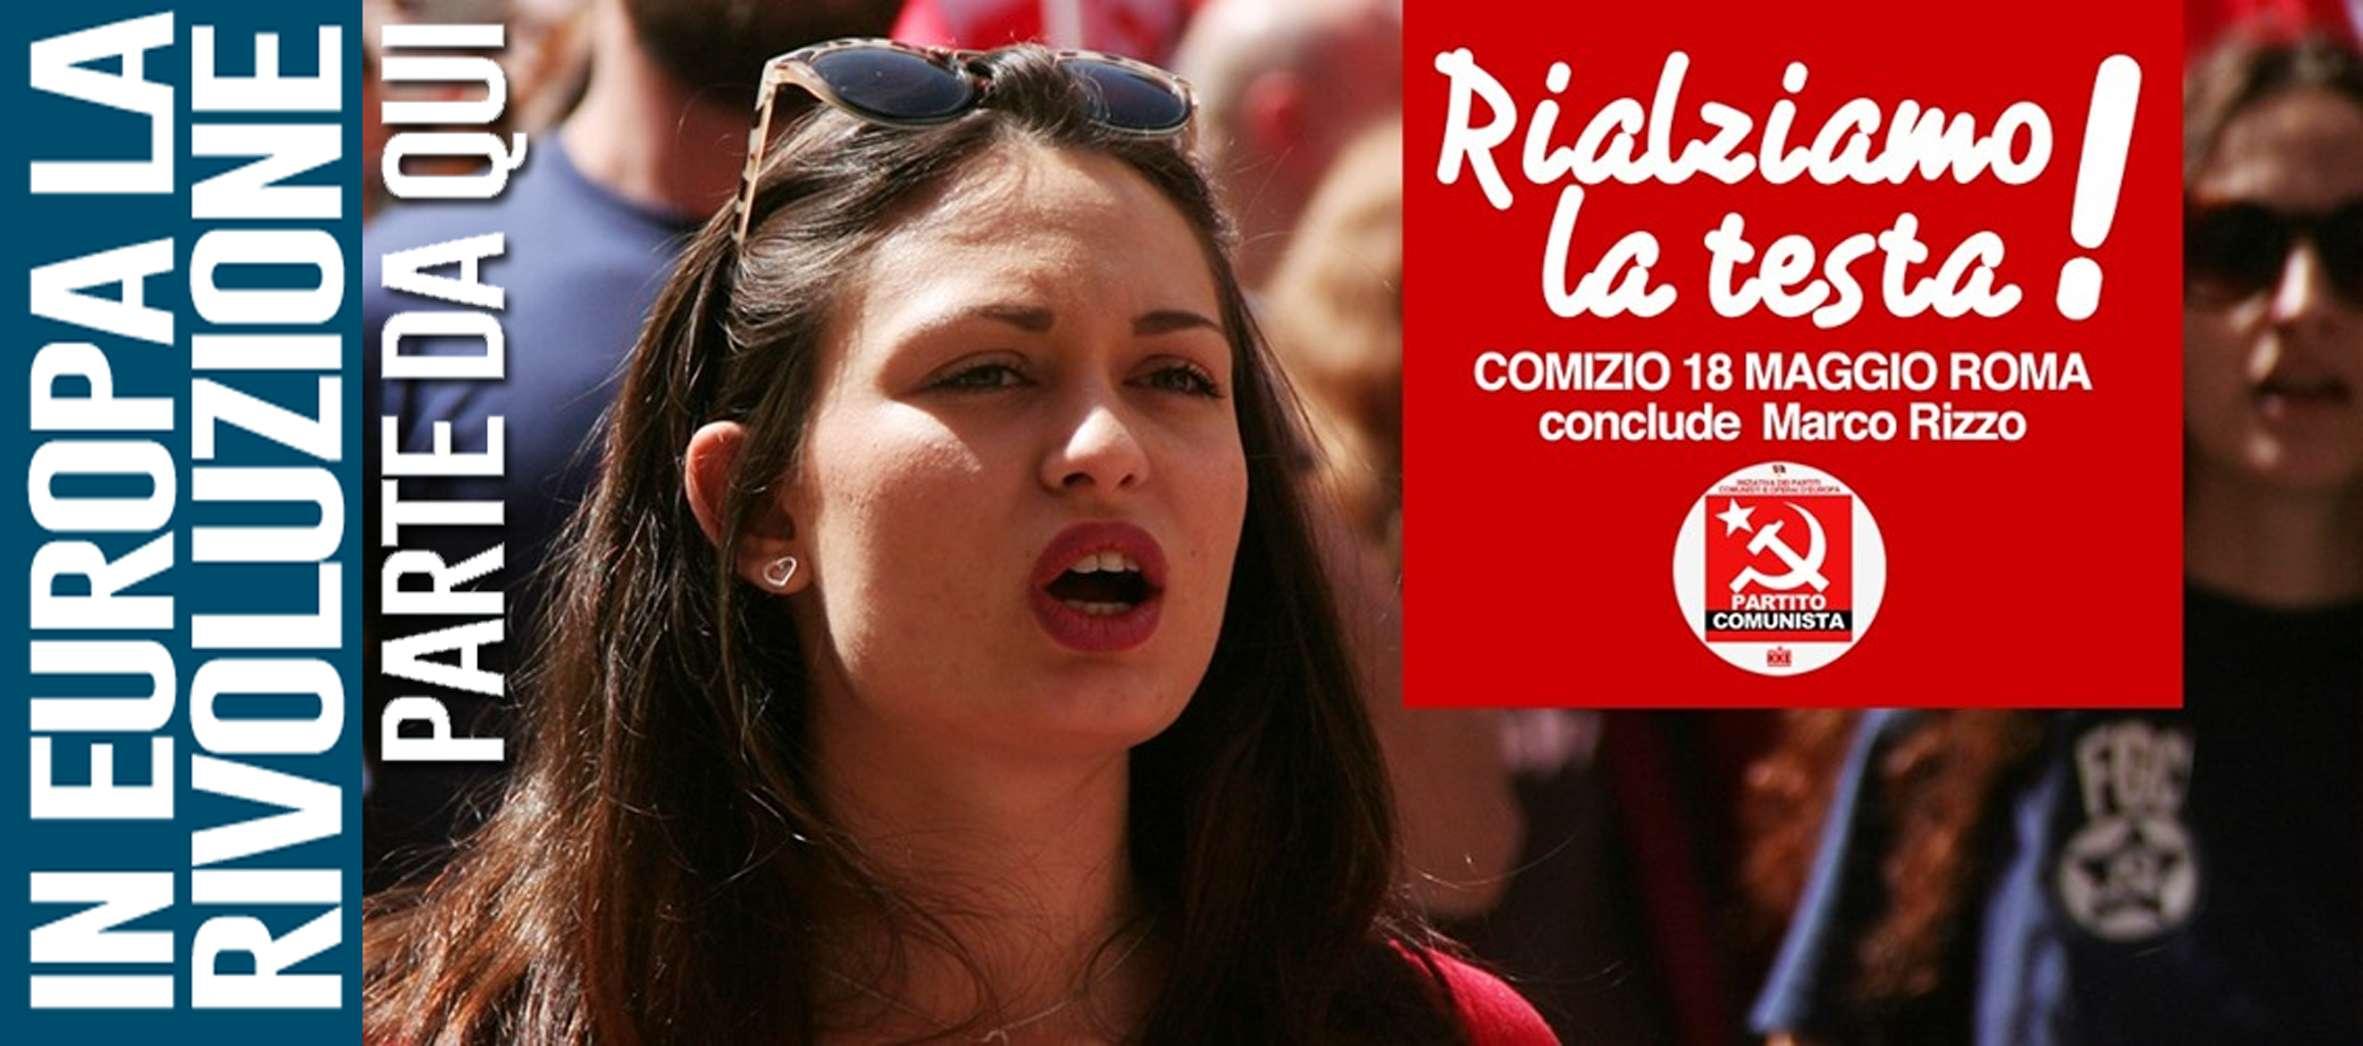 header Rialziamo la testa € Comizio del Partito Comunista 1